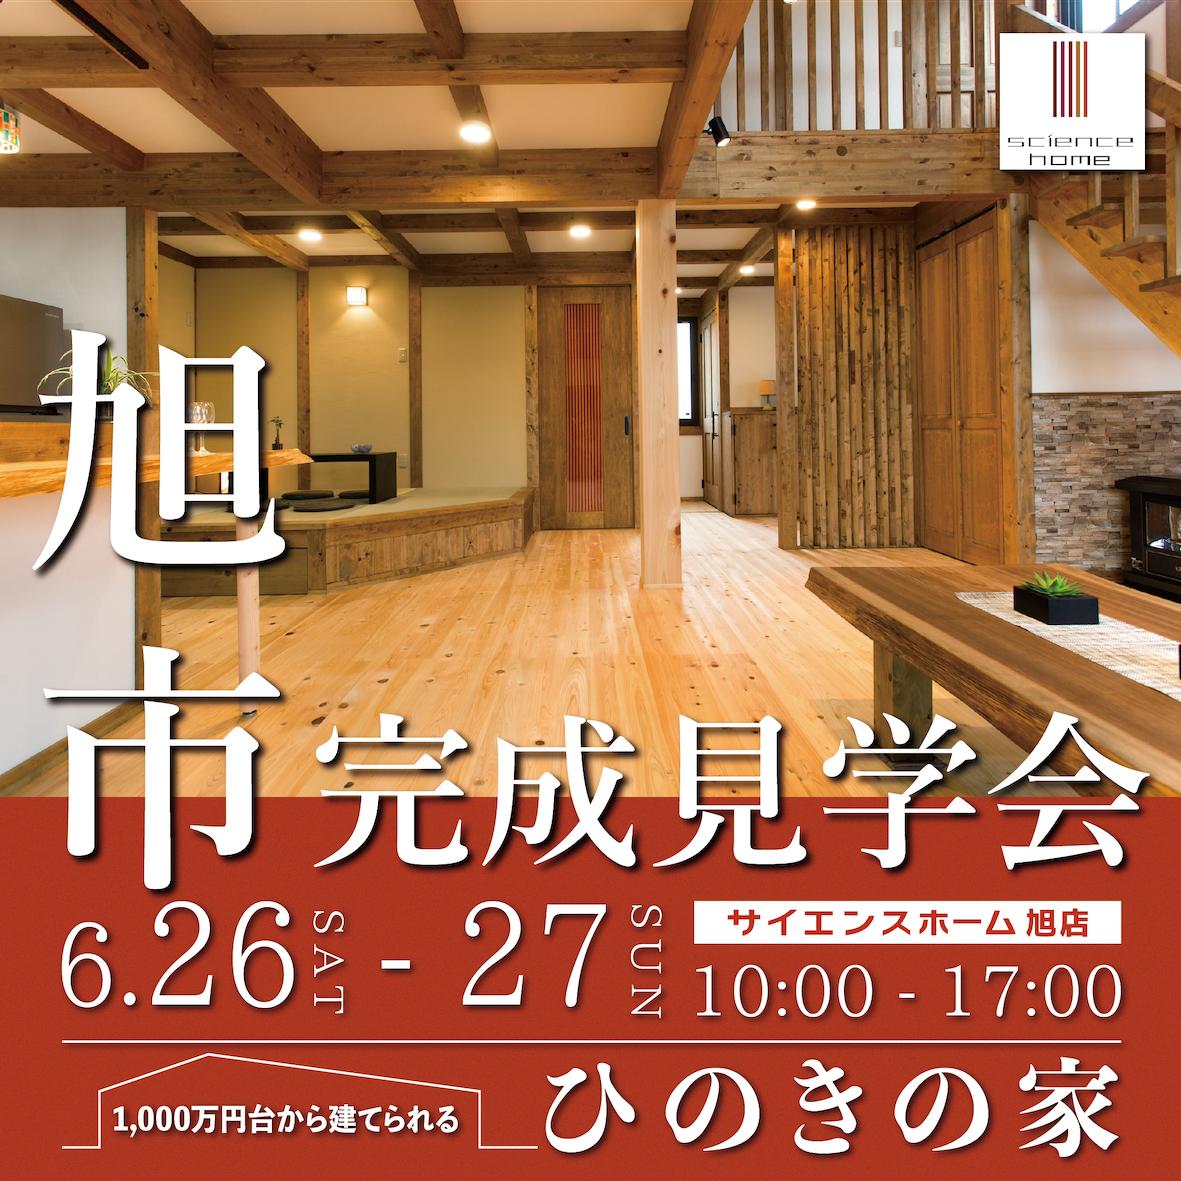 【終了しました】【6/26(土)27(日)】完成見学会開催【旭市】